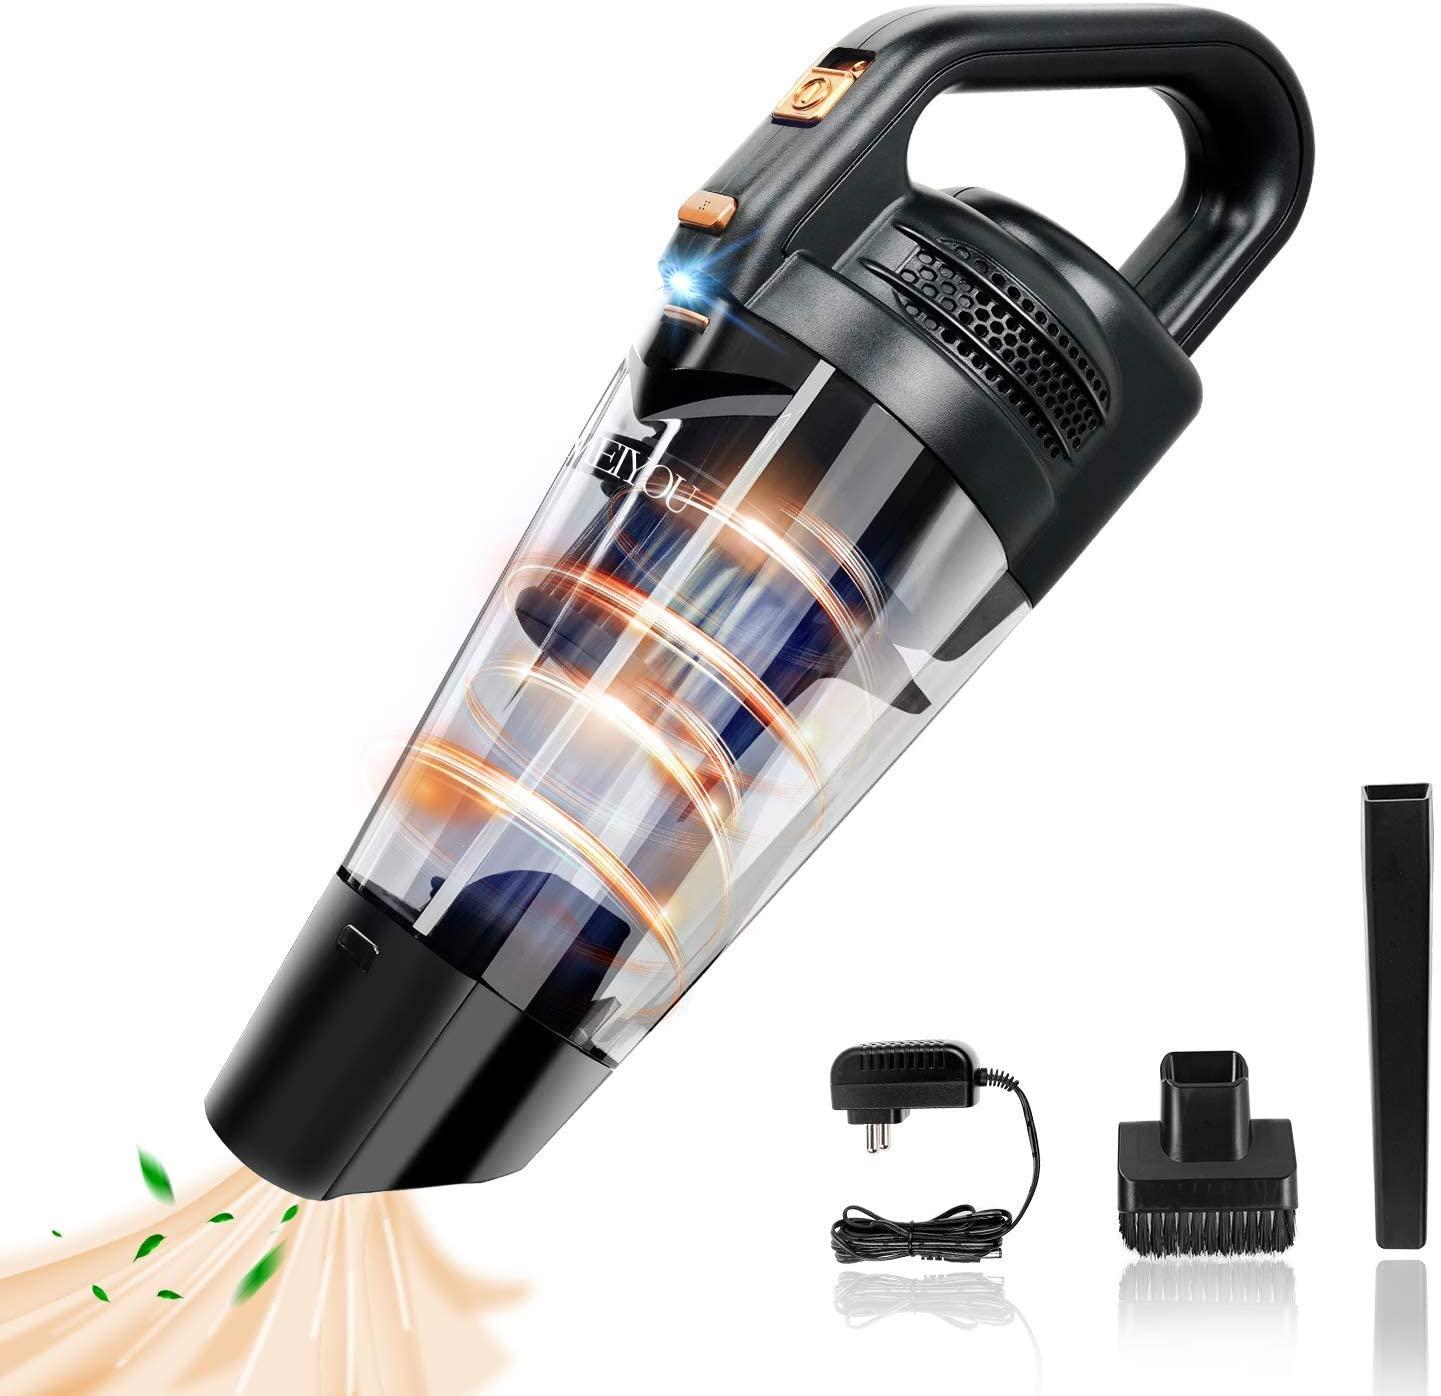 Aspirador de Mano Aspiradora-Coche sin Cable-Potente bateria-Aspiradoras - 9KPA 100W Aspirador de Mano sin Cable Potente con Luz LED y Carga Rápida,Aspirador en Seco y Hmedo para Oficina Hogar y Coche [Clase de eficiencia energética A++]